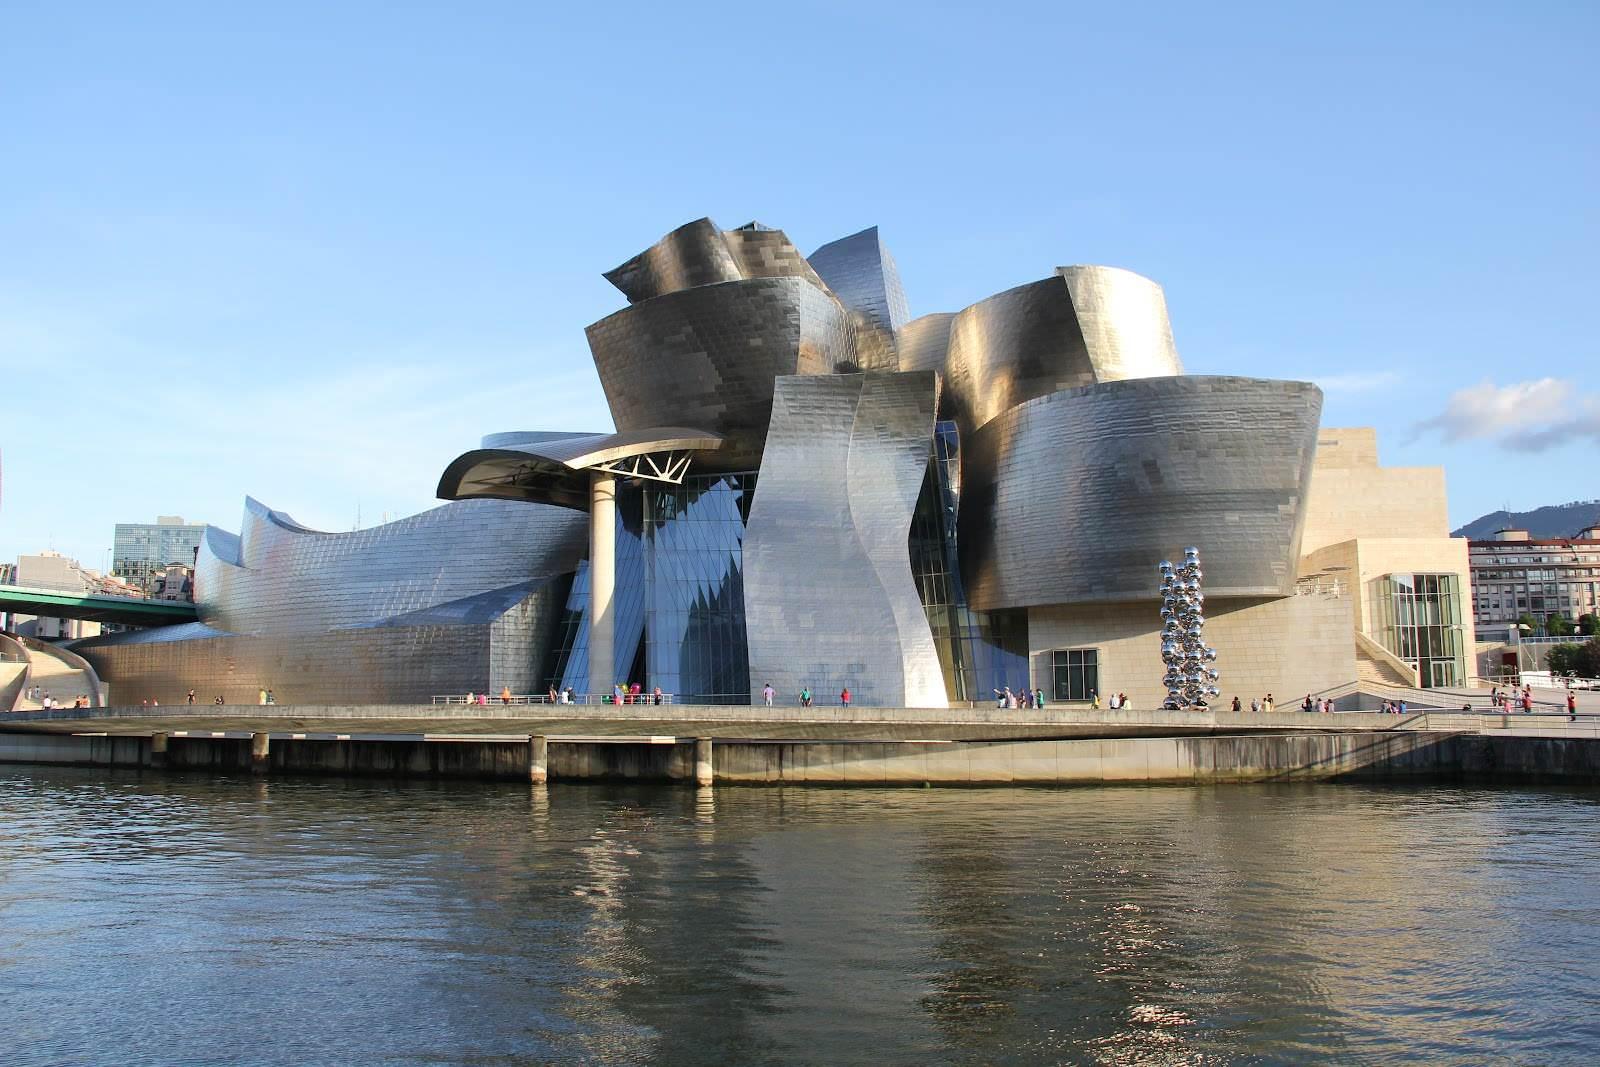 Guggenheim Museum (Bilbao, Spain)